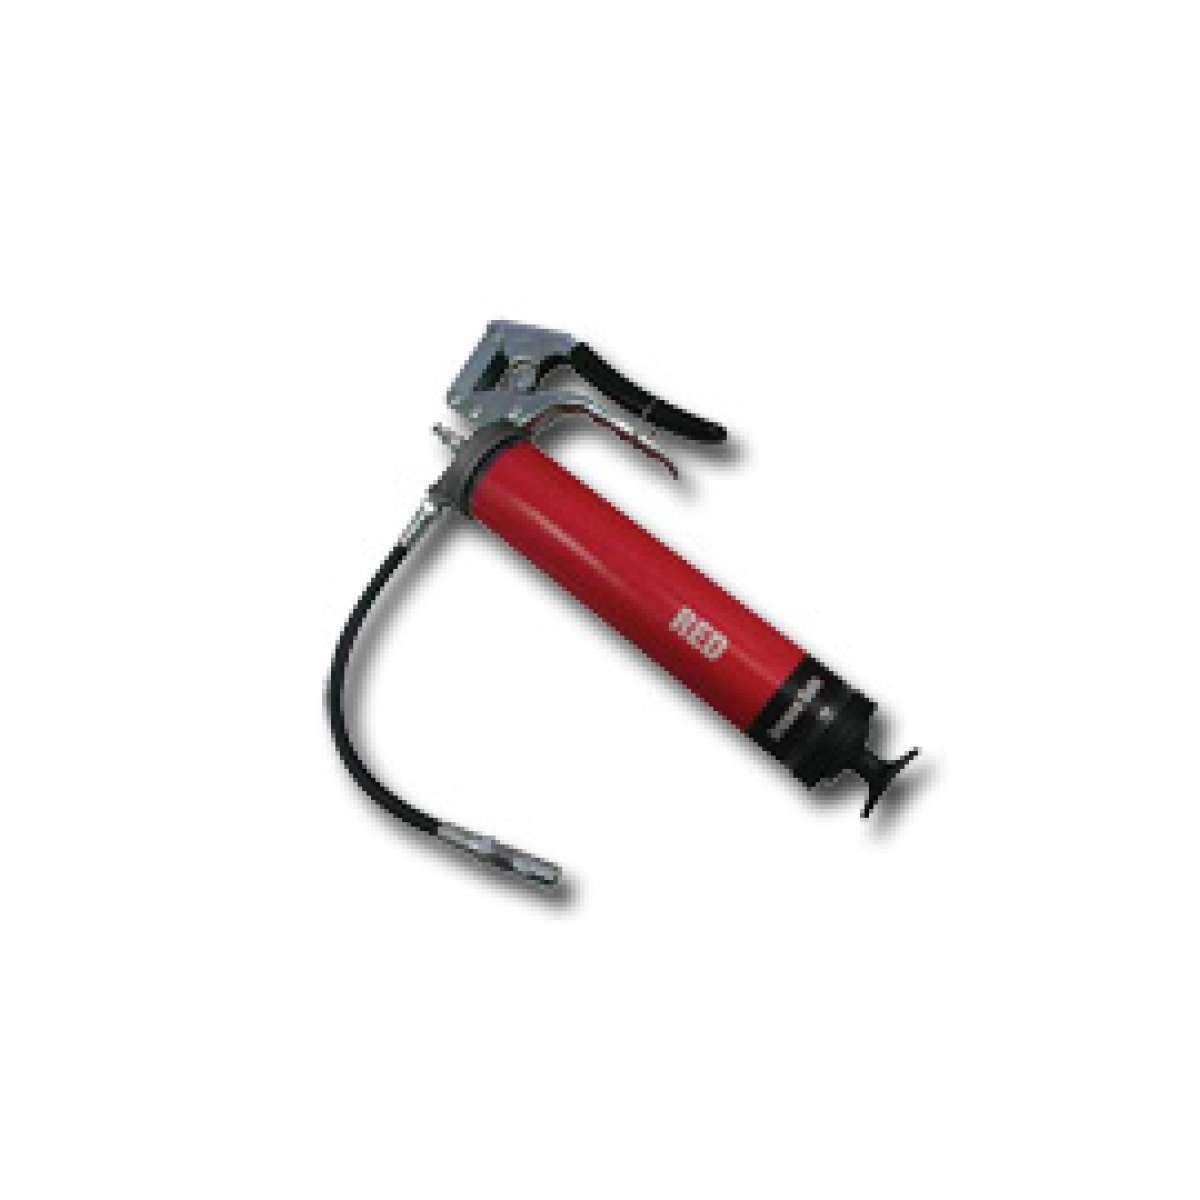 Heavy Duty Pistol Grip Grease Gun - Red